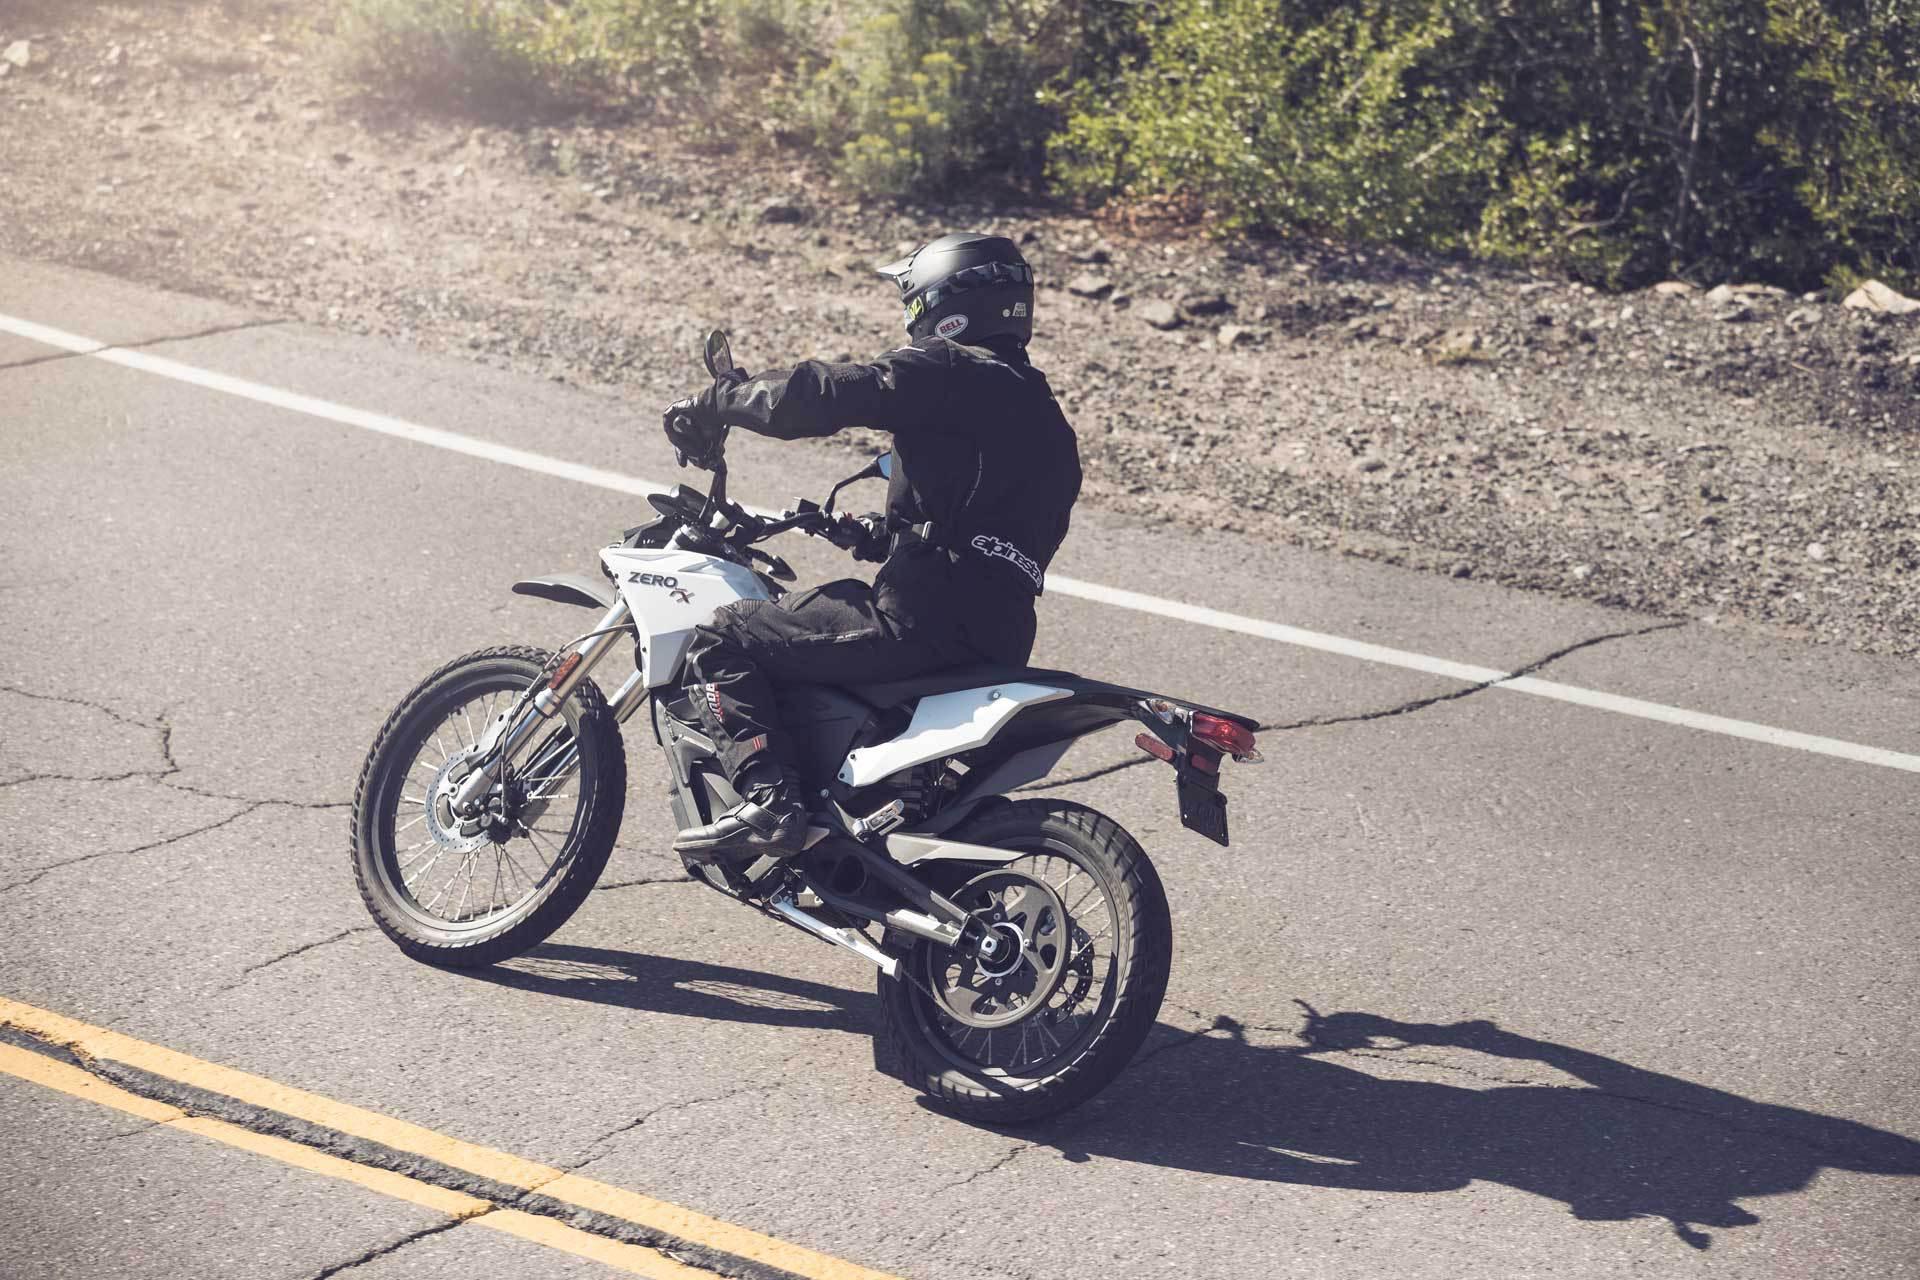 Zero FX Electric Motorcycle || ZERO MOTORCYCLES